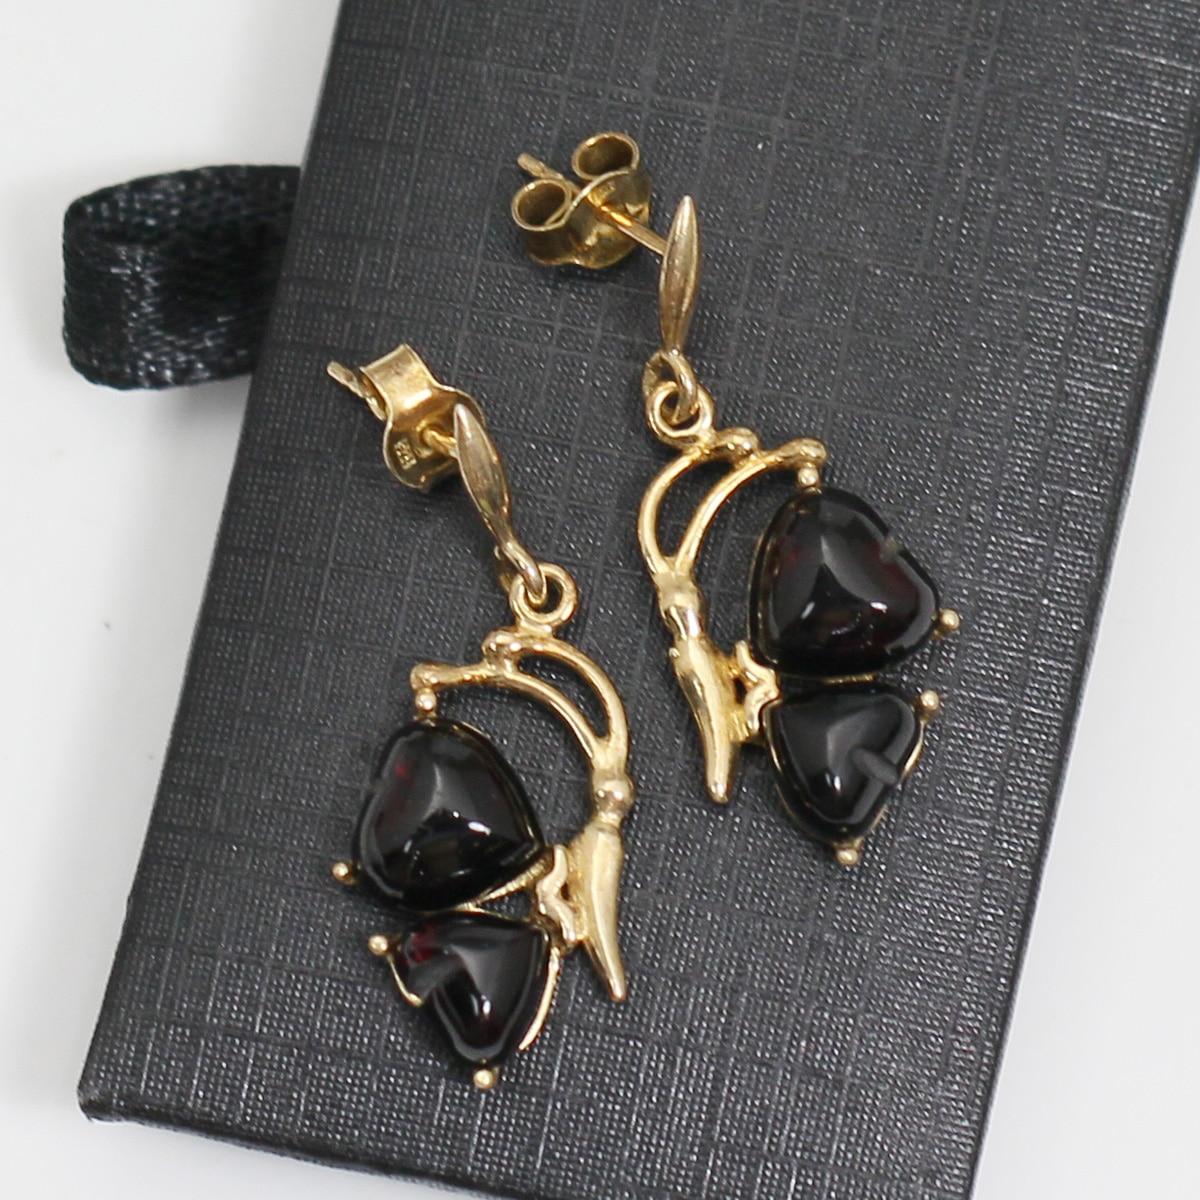 Beadsnice ID39759 or rempli boucle d'oreille fête des mères cadeau bijoux boucles d'oreilles pour les femmes - 3